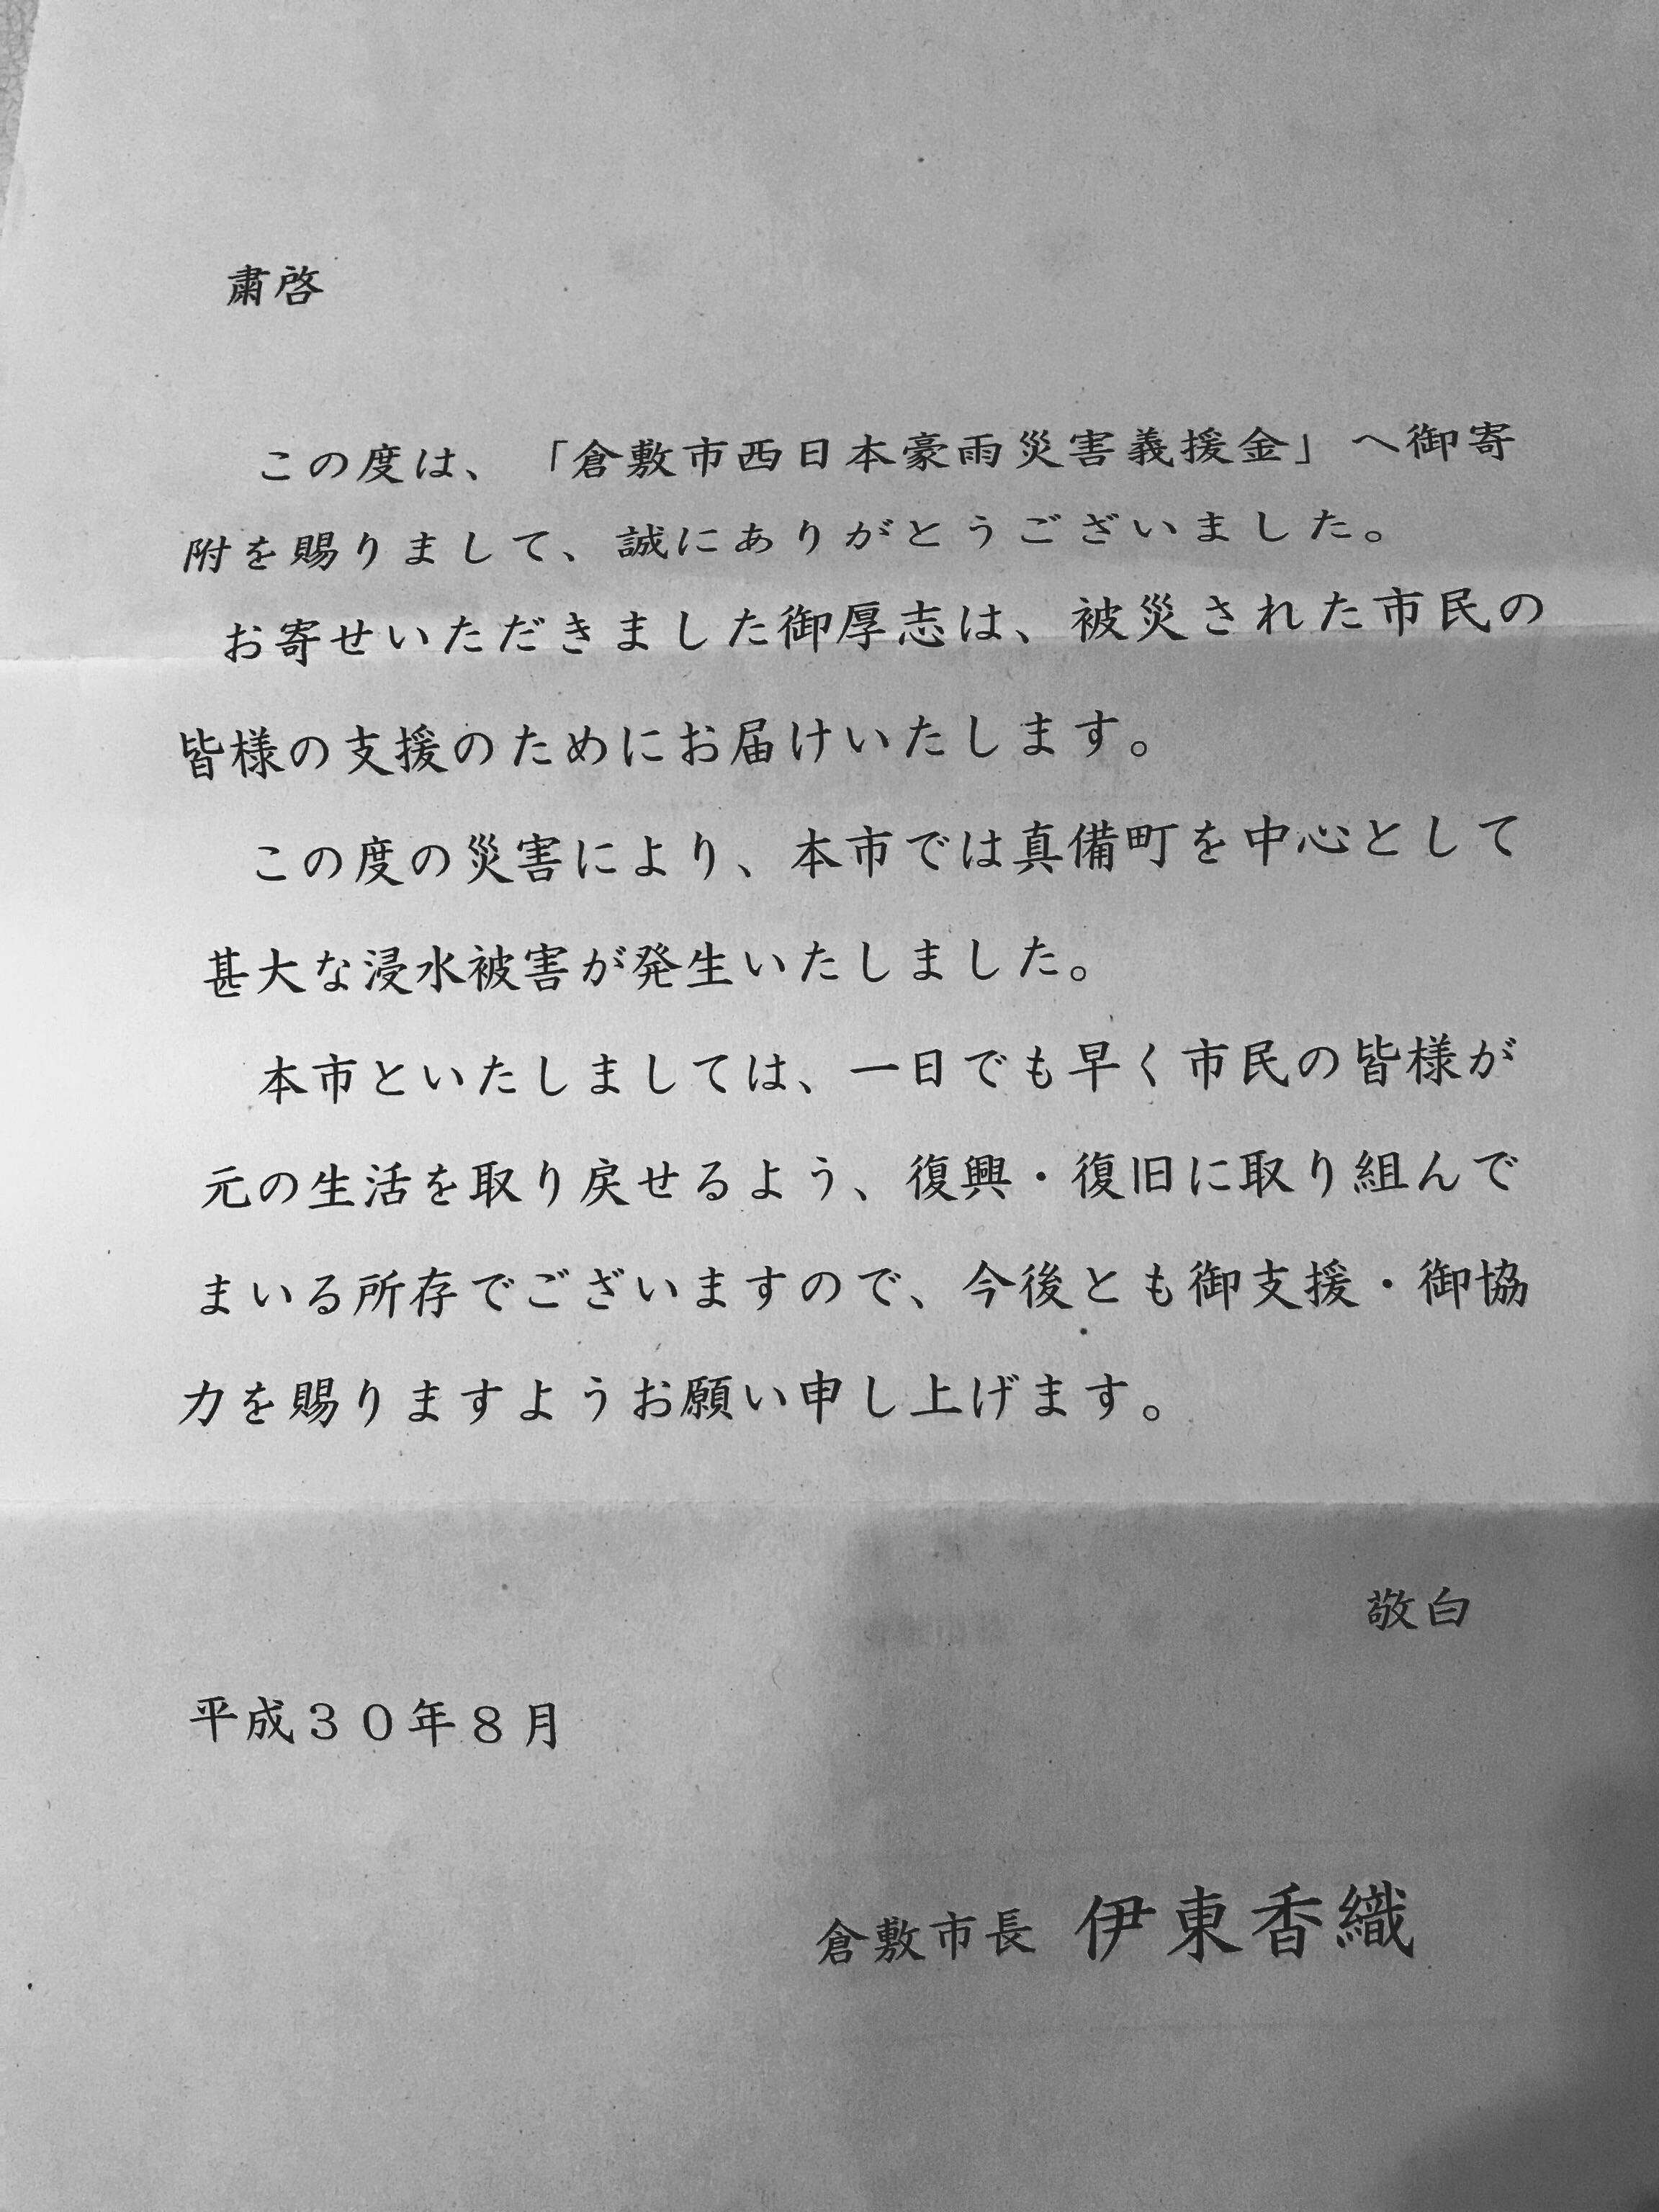 f:id:Yosuke0912:20180903205959j:image